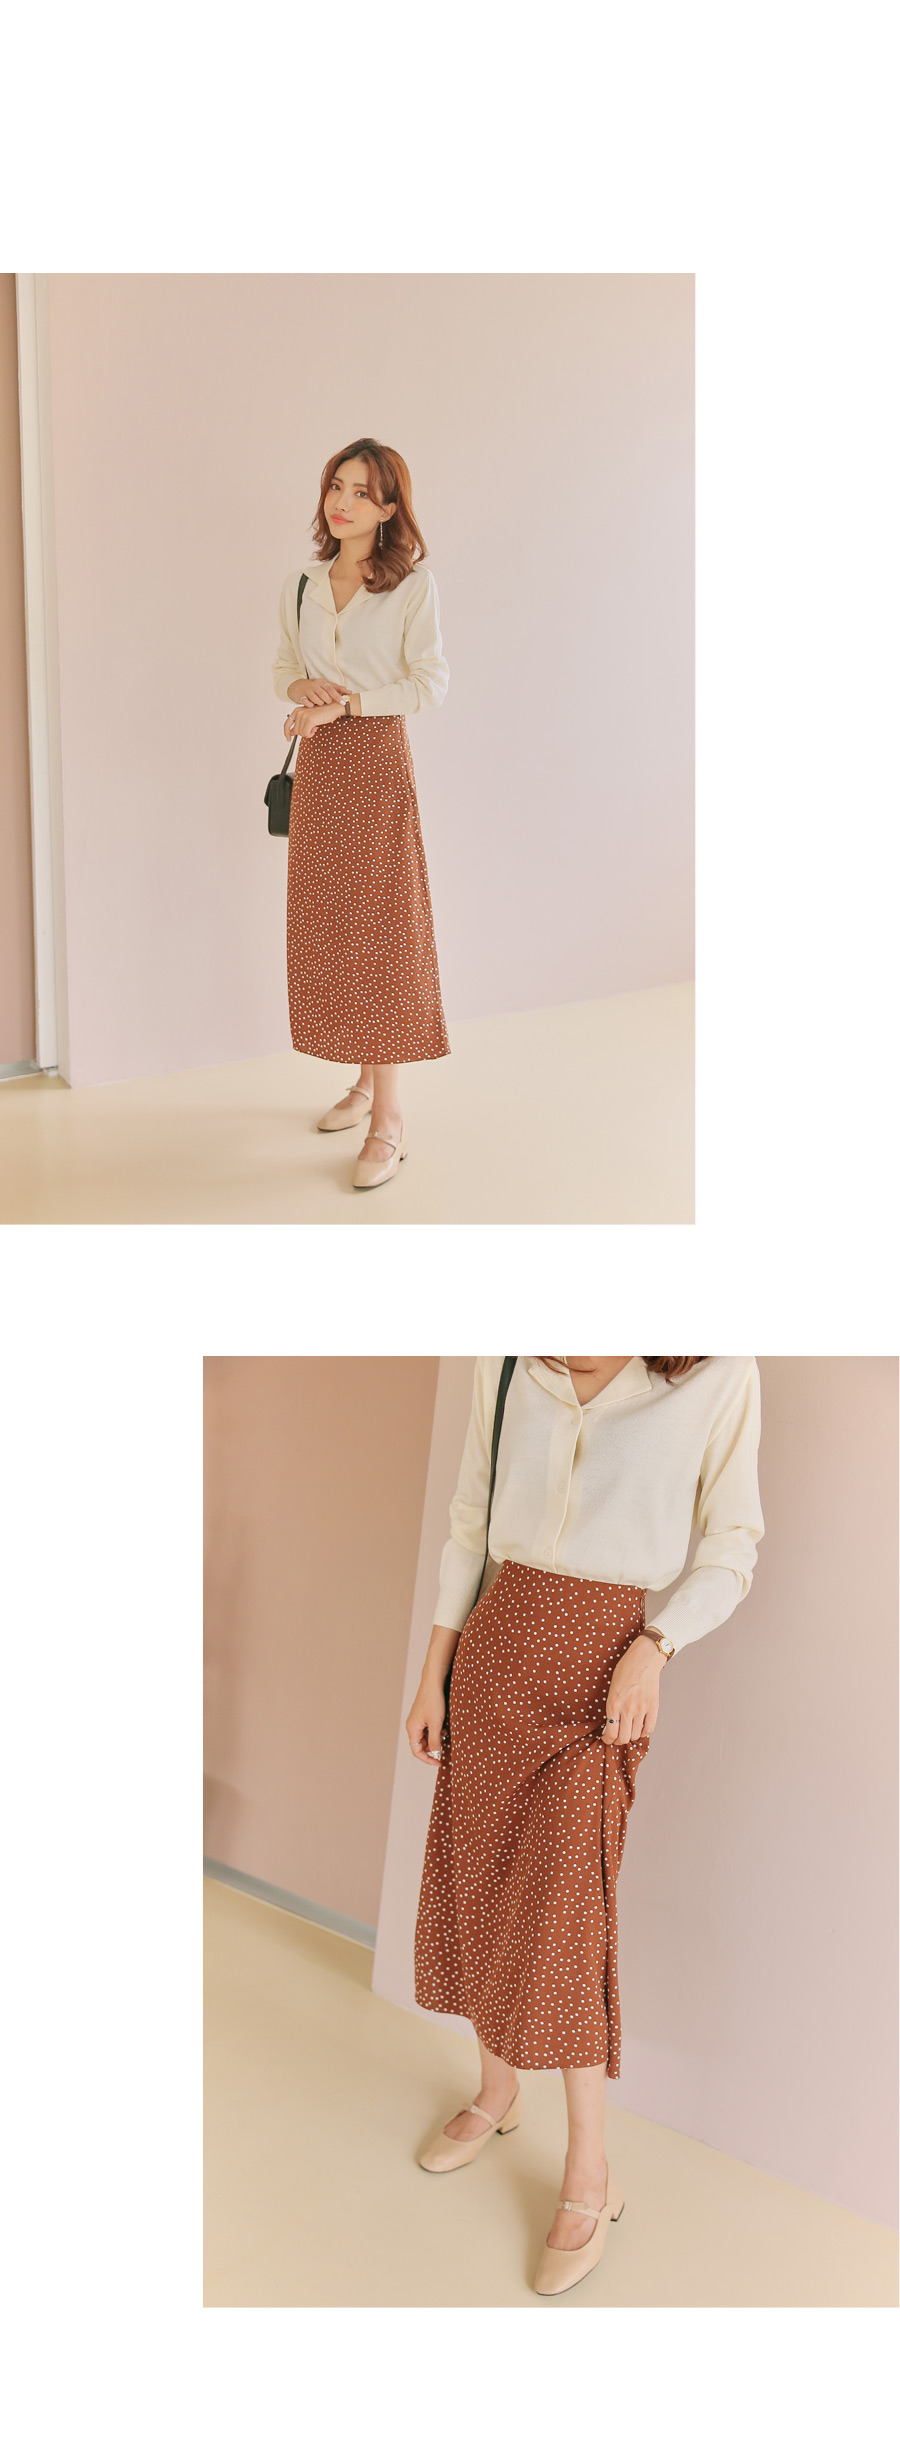 Dot flare long skirt